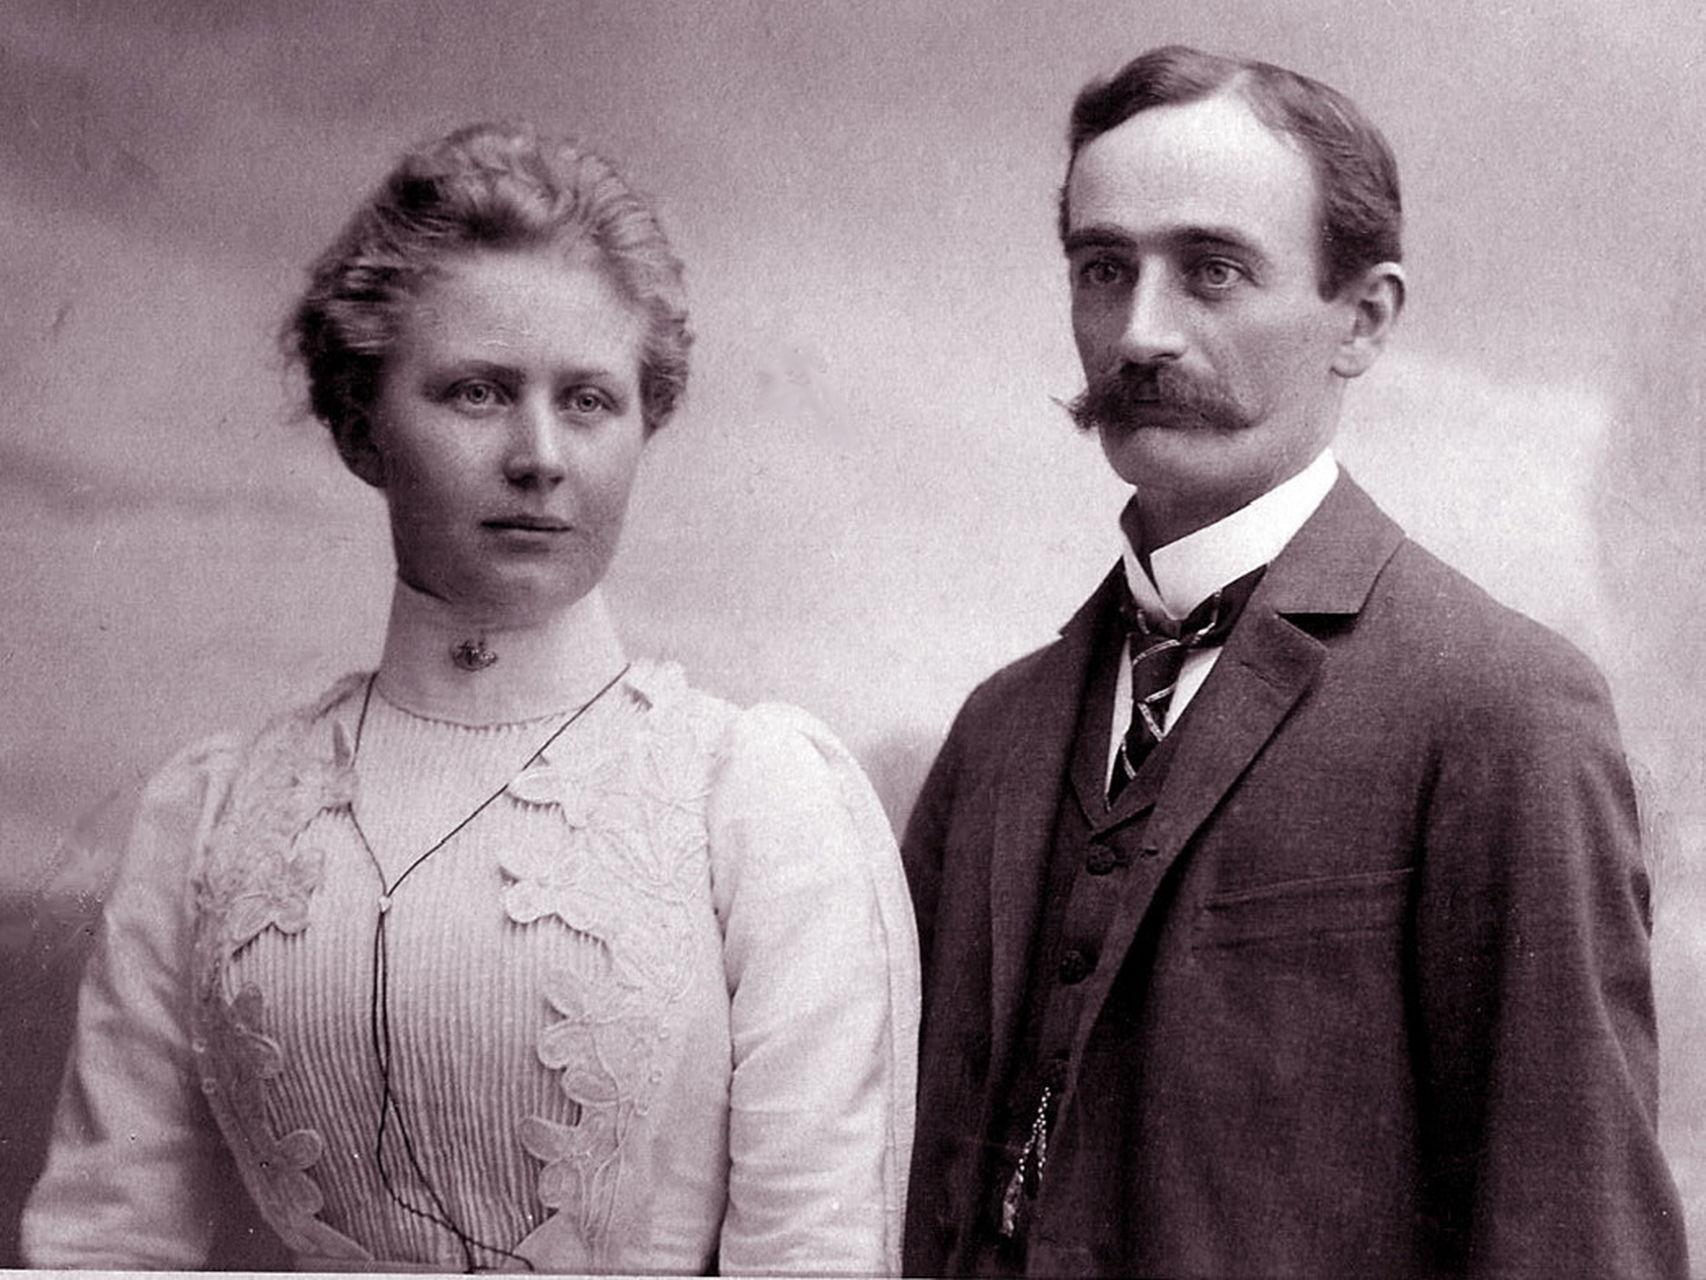 Elizabeth Christ y Friedrich Trump, os abuelos paternos de Donald Trump, en 1918.